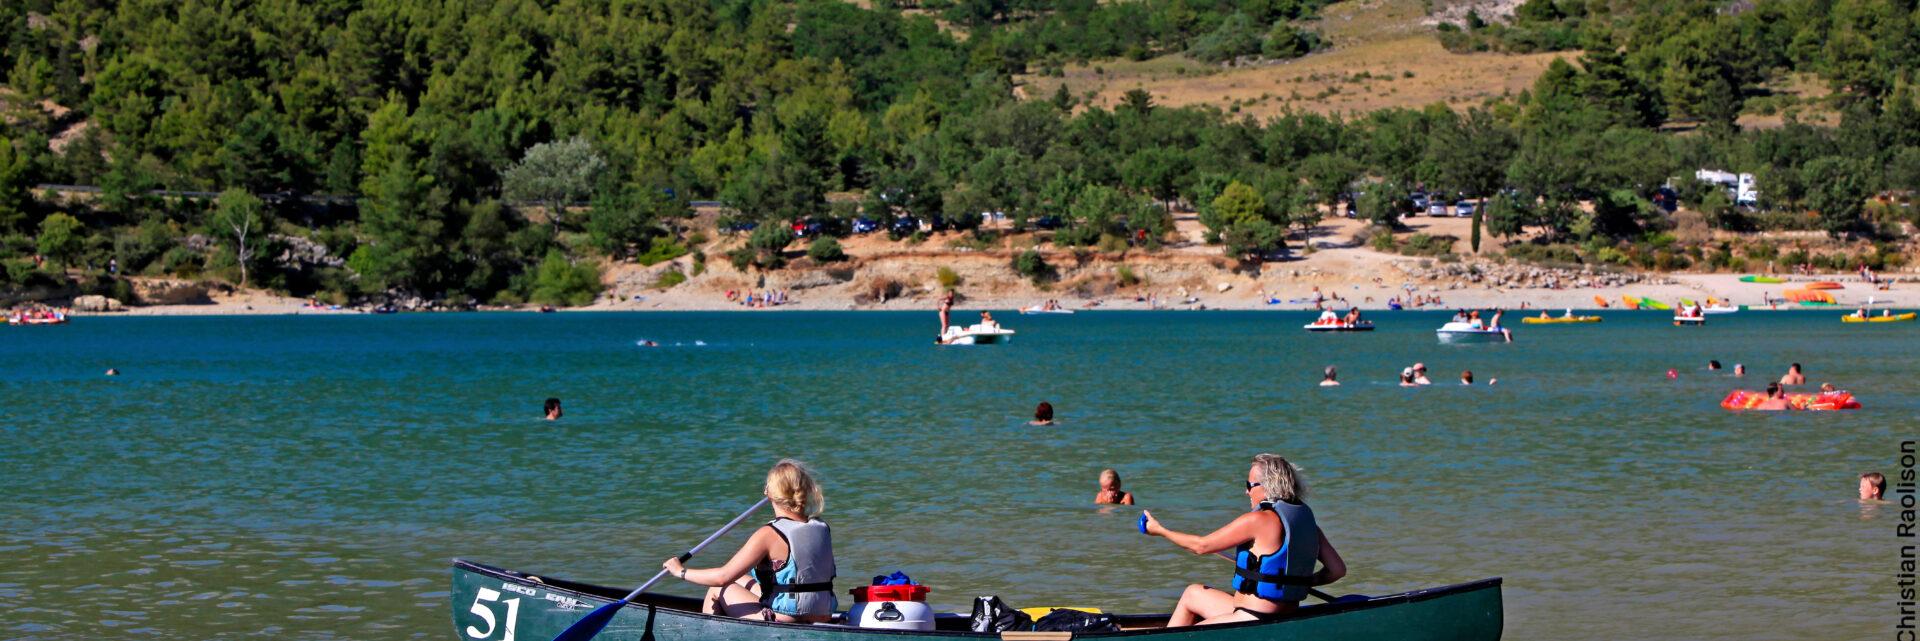 Canoe sur le Lac de Sainte-Croix à Aiguines